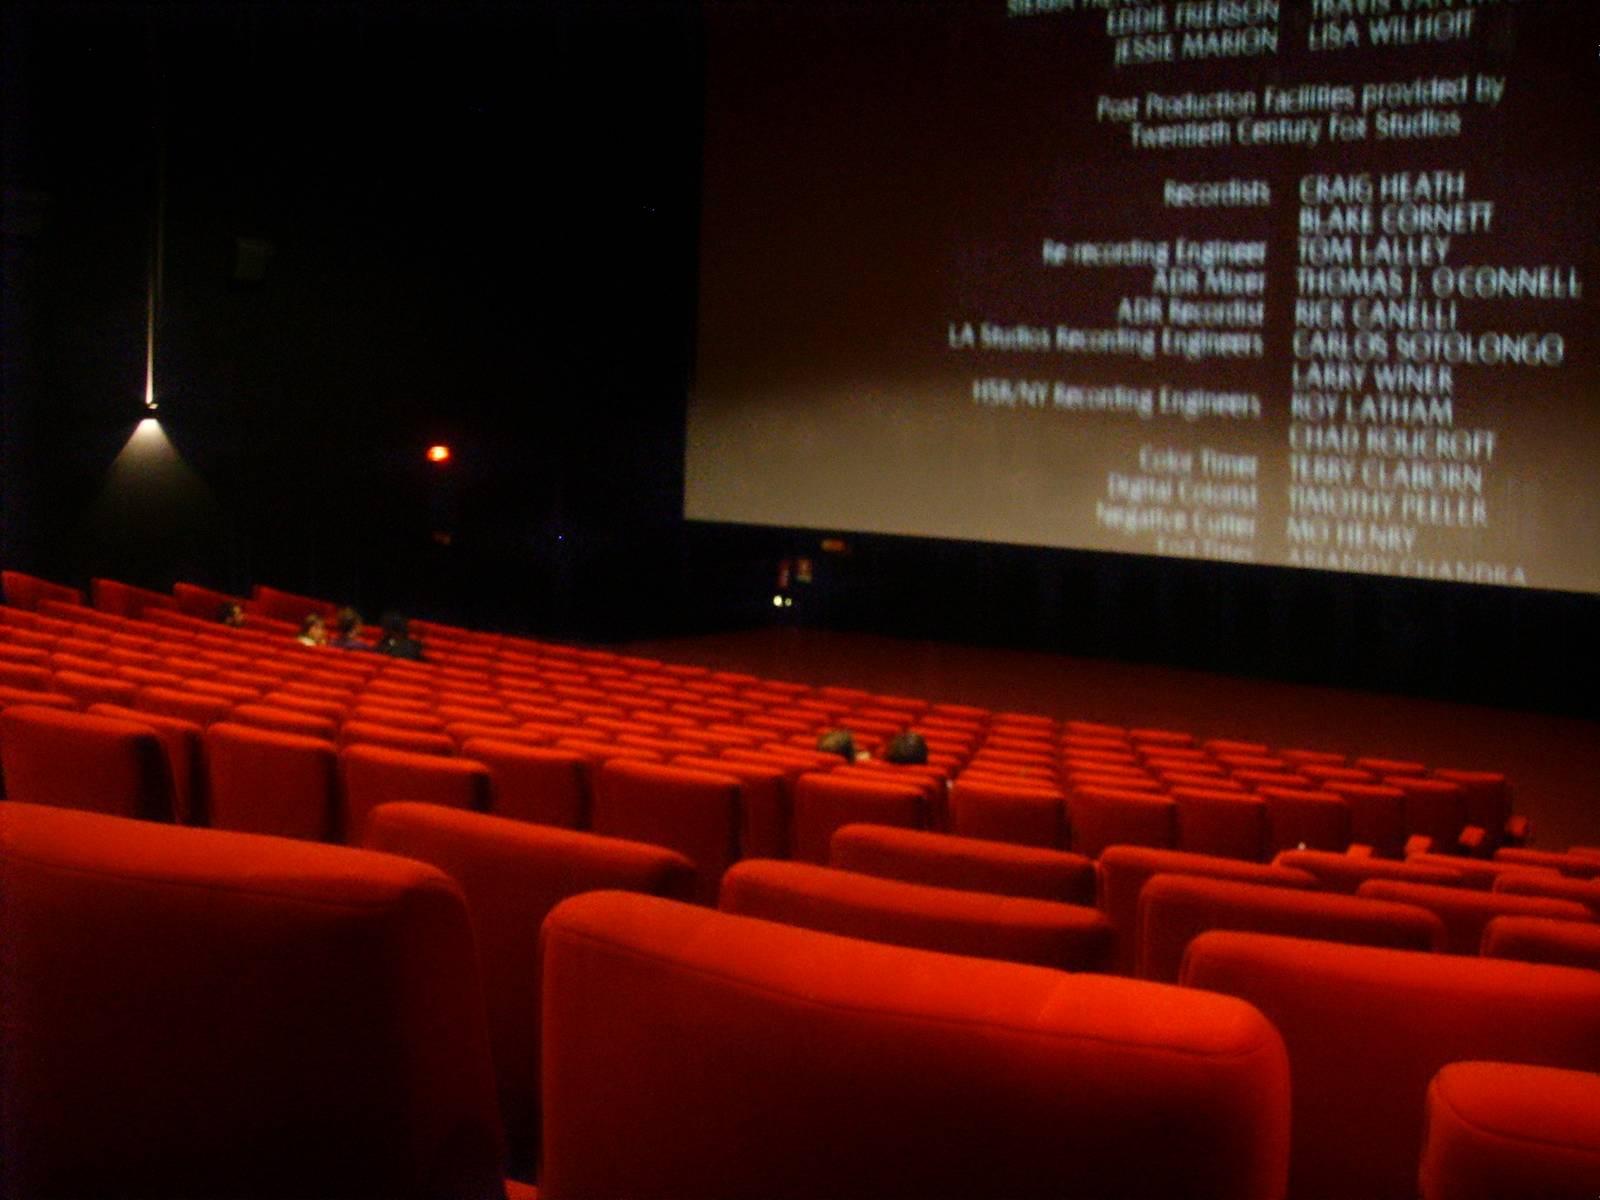 Les cinémas du circuit Elizé bientôt ouverts au public